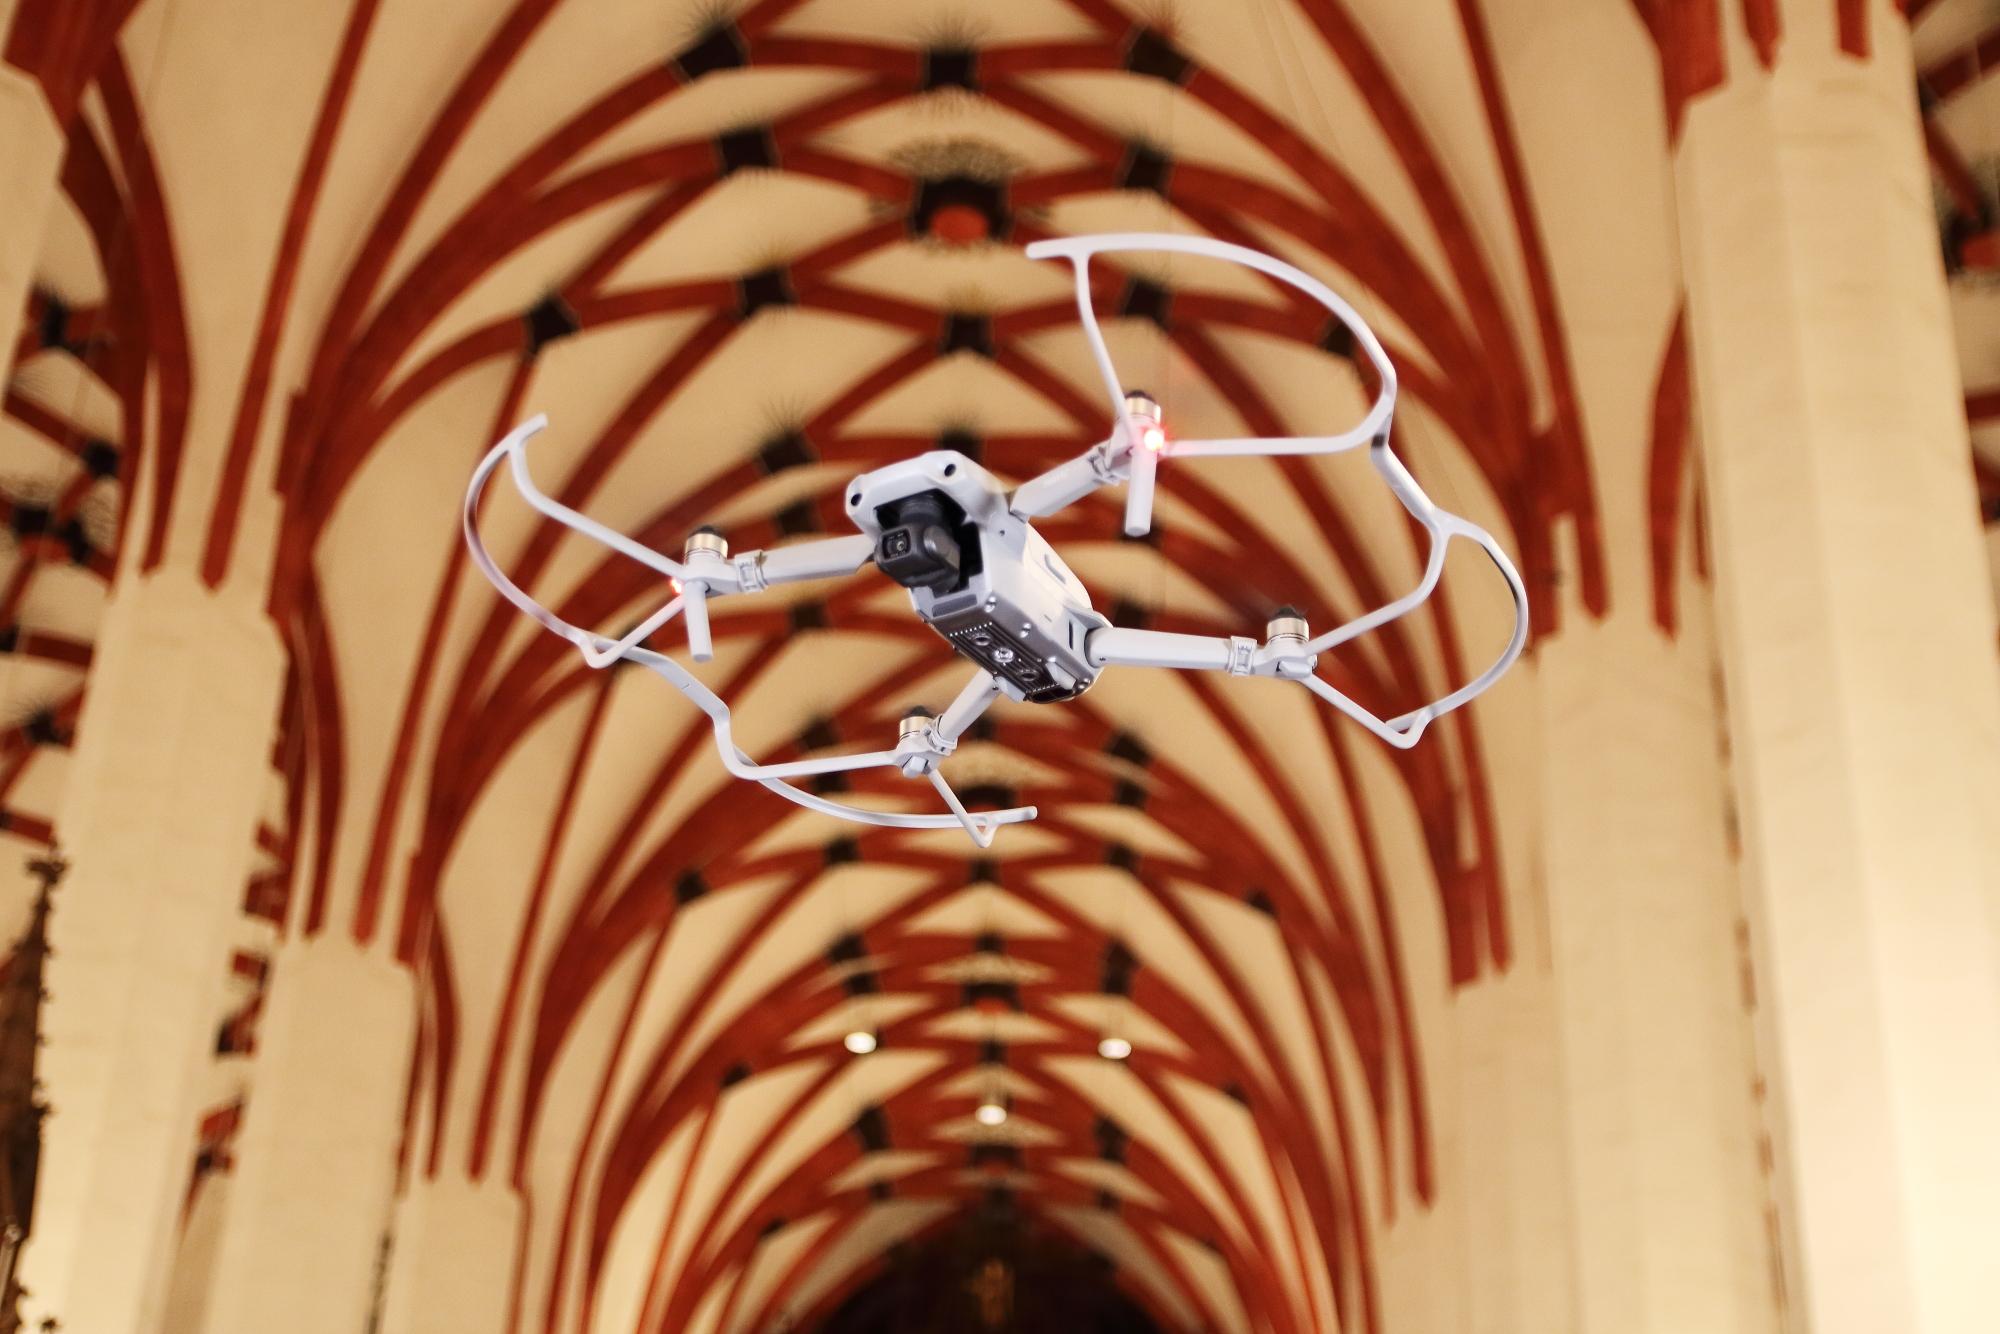 Indoor-Drohnenaufnahmen: Sicher fliegen in Innenräumen.